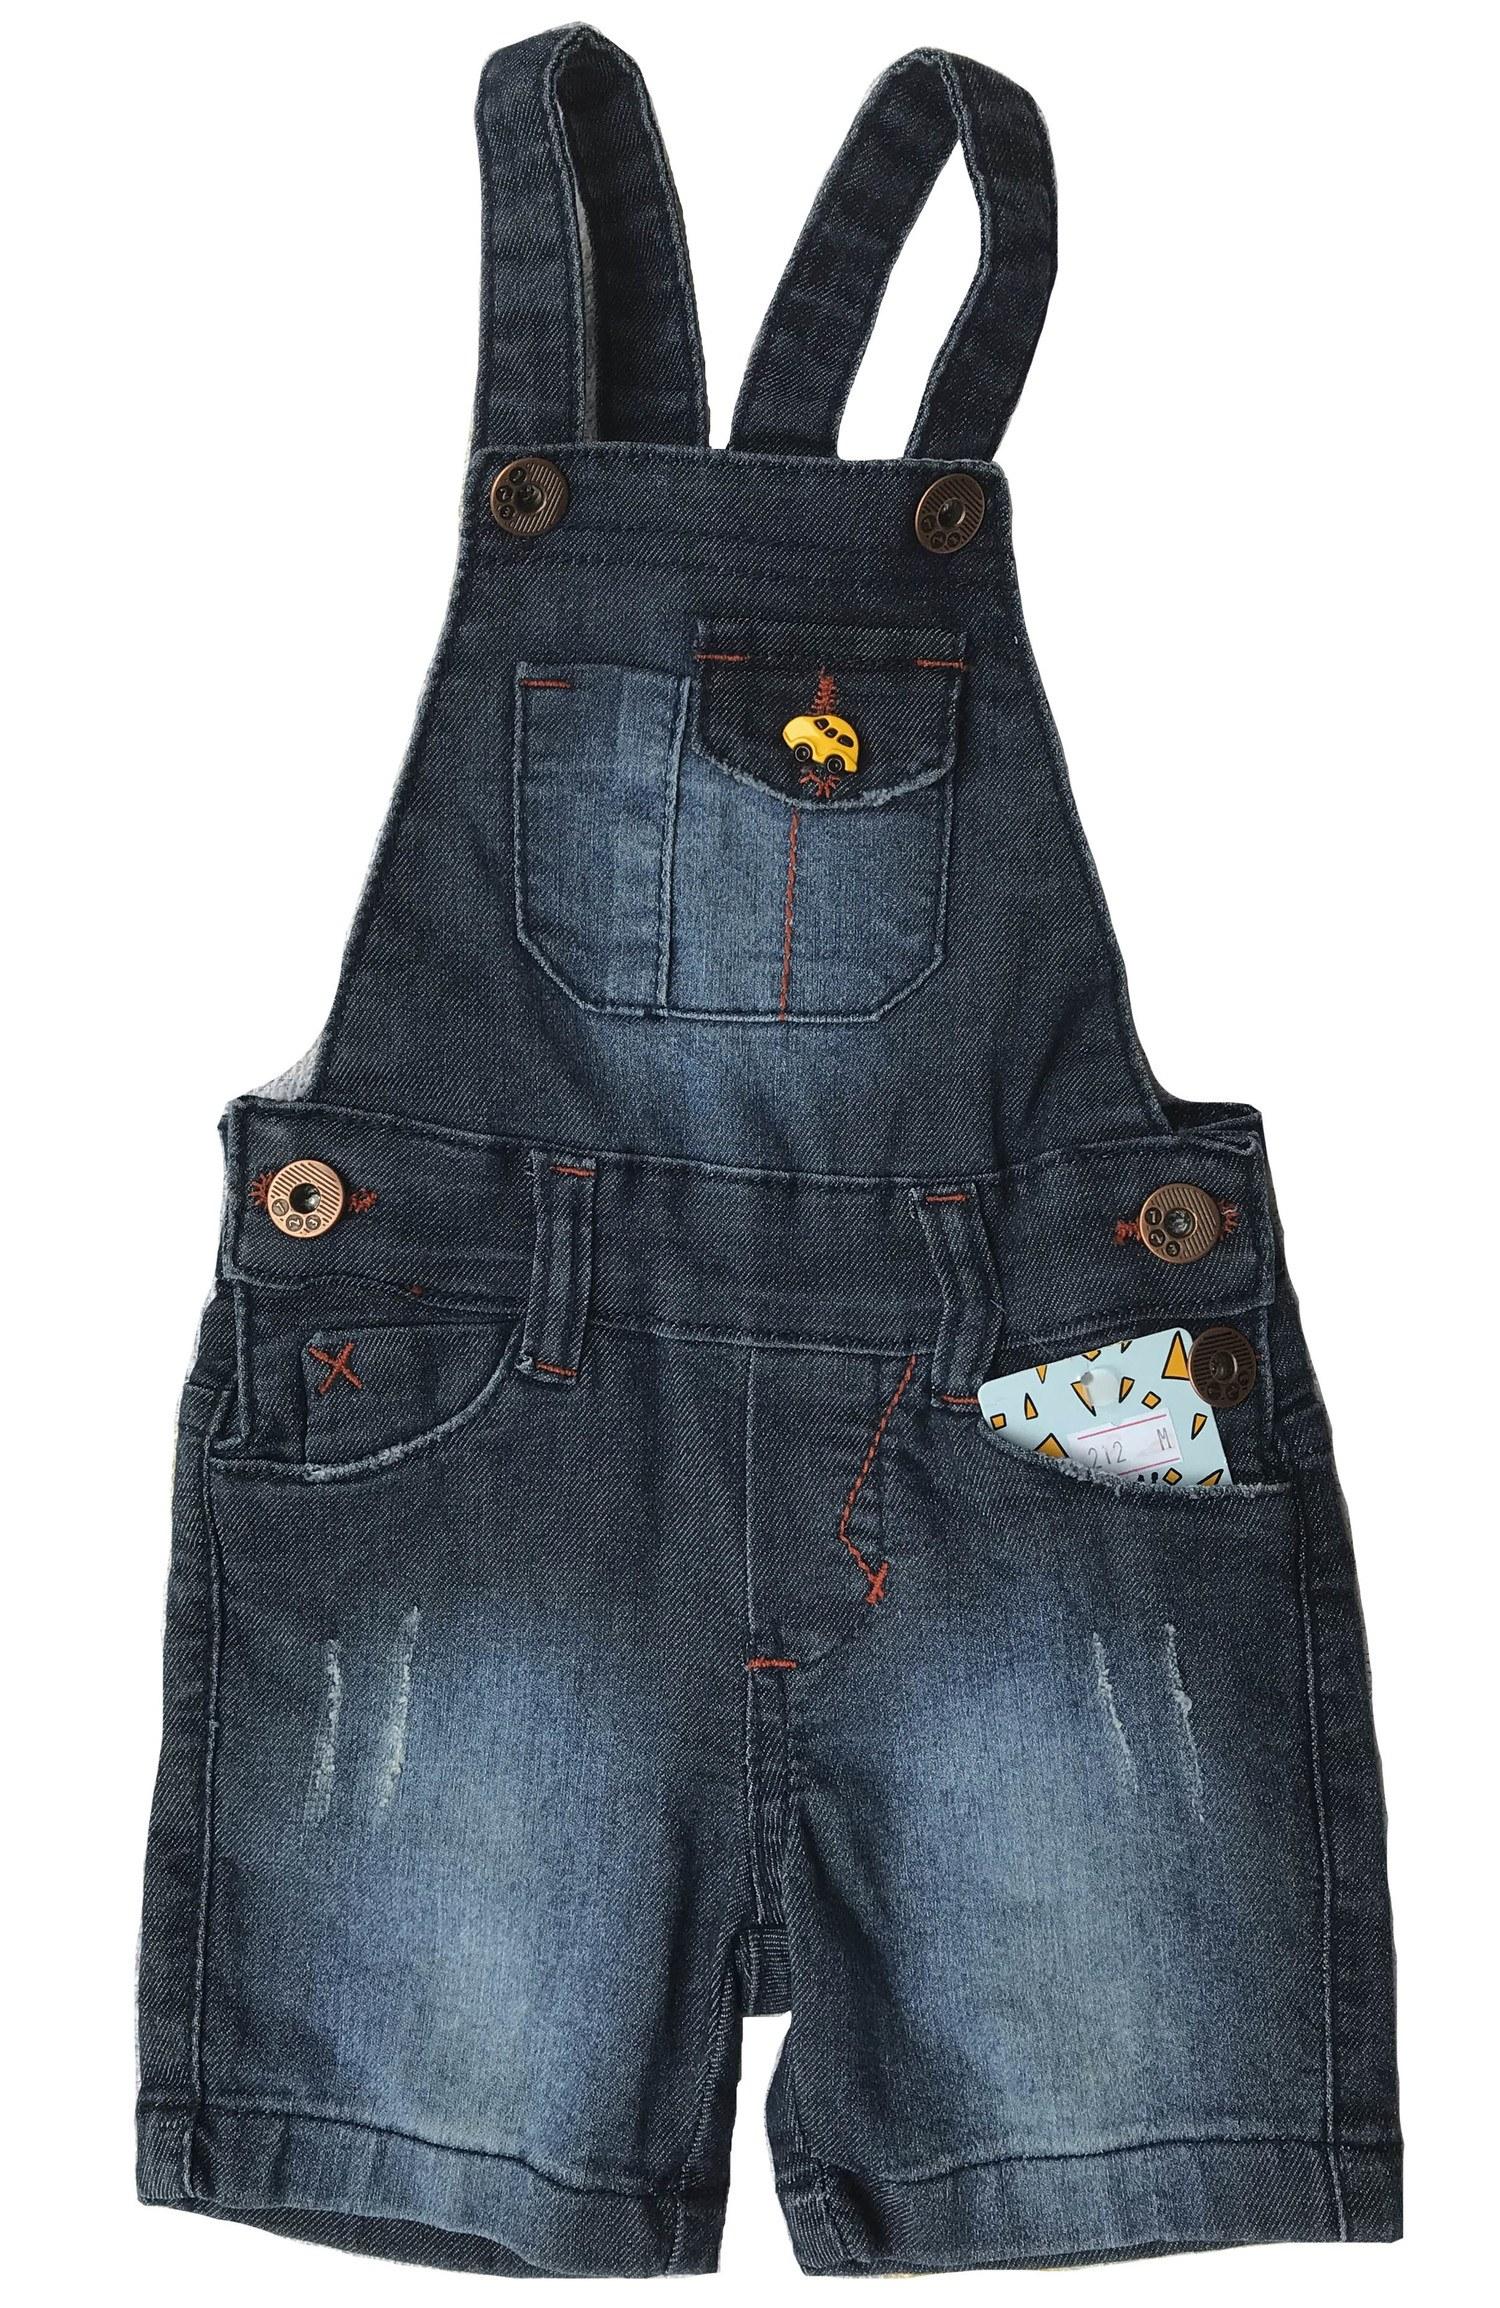 Jardineira Jeans Short Masculina Infantil [212]